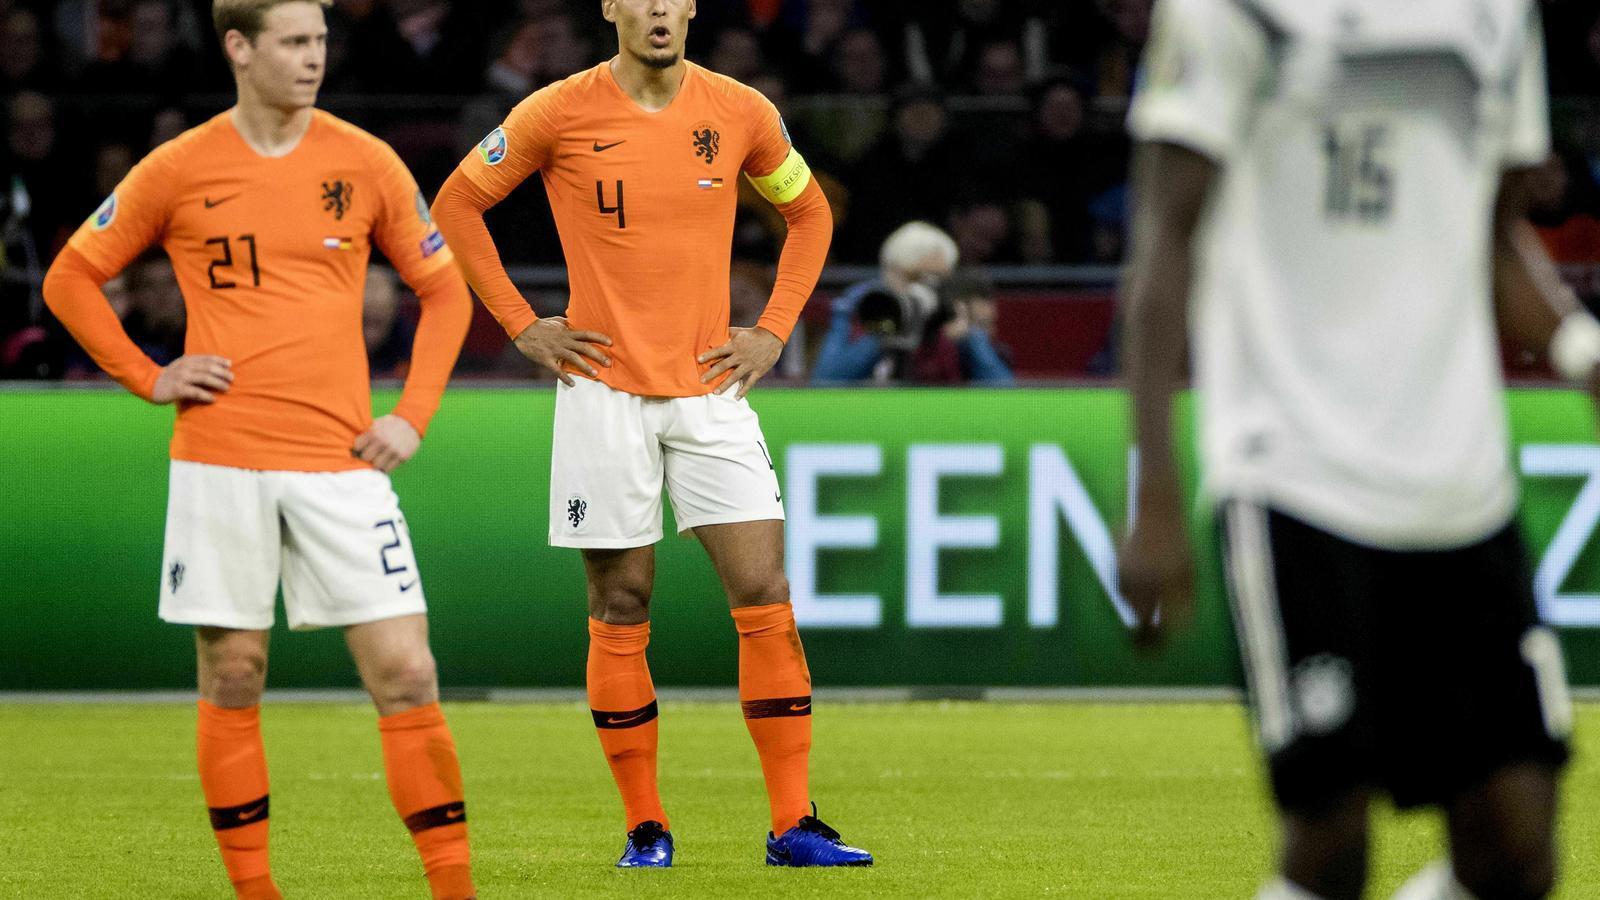 Frenkie de Jong i Virgil van Dijk durant la derrota contra la selecció alemana